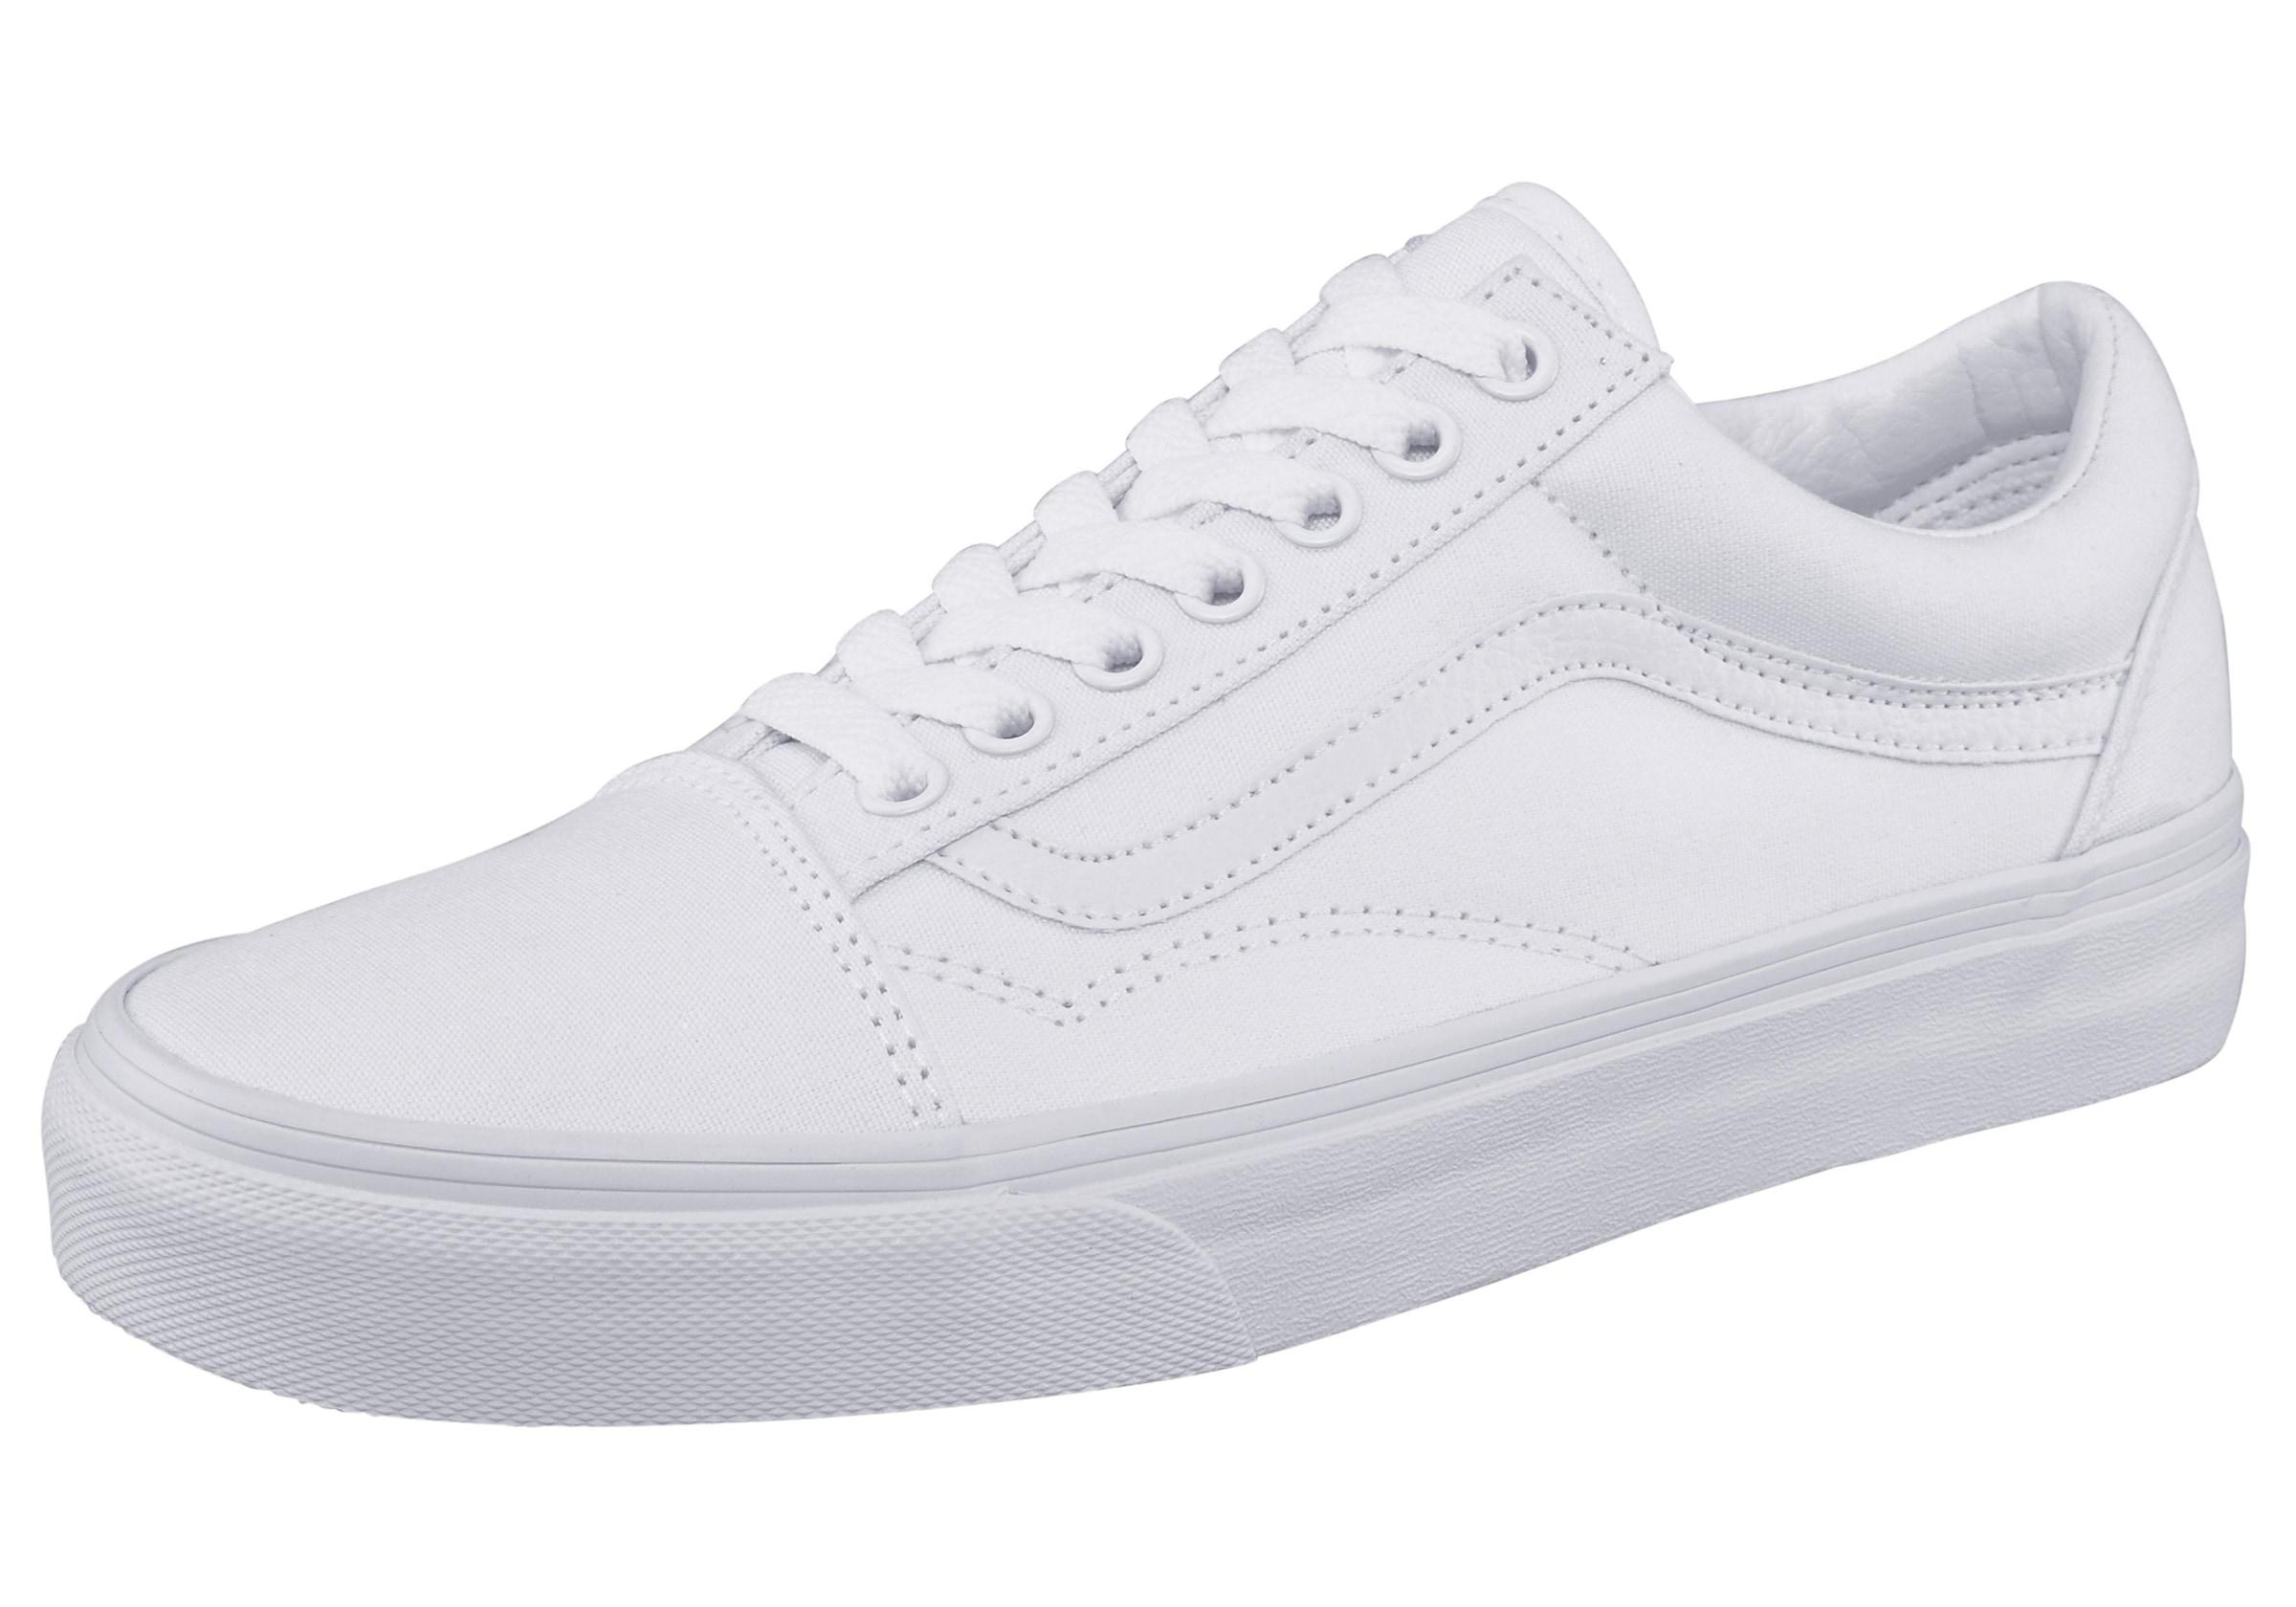 Vans Sneaker »Old Skool« per Rechnung   BAUR